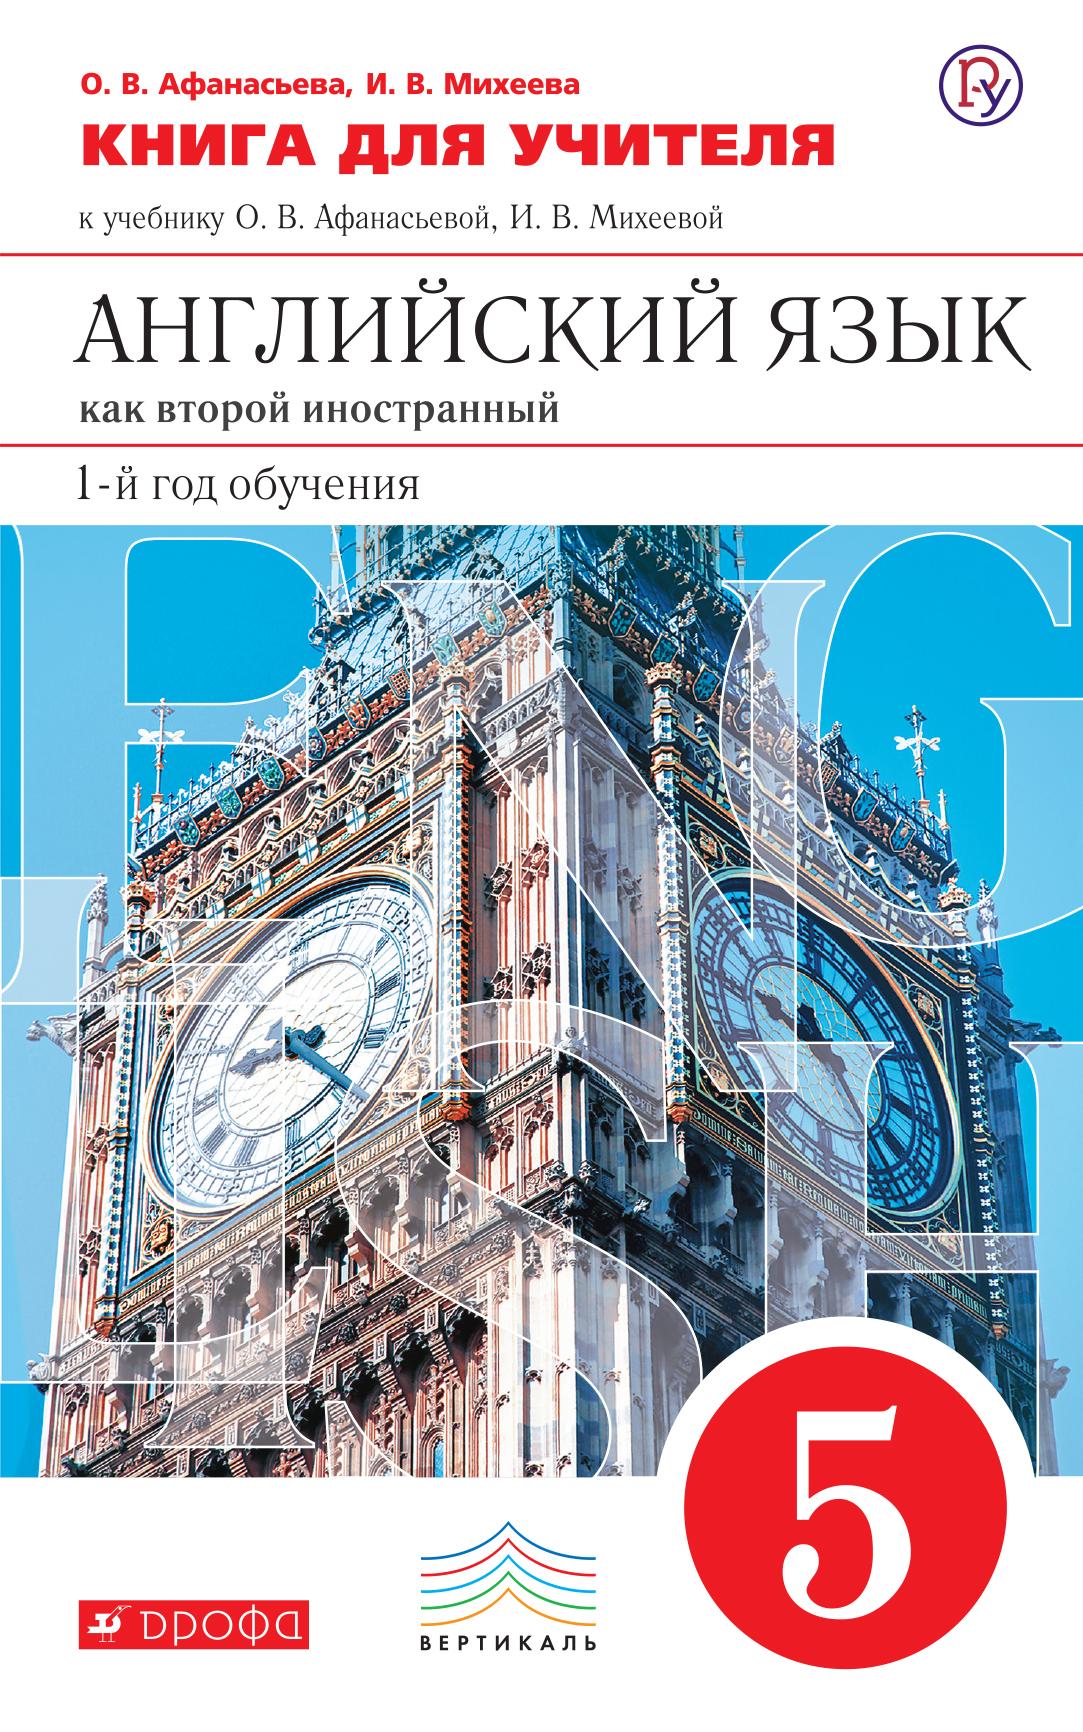 Английский язык как второй иностранный: первый год обучения. 5 класс. Книга для учителя ( Афанасьева О.В., Михеева И.В.  )